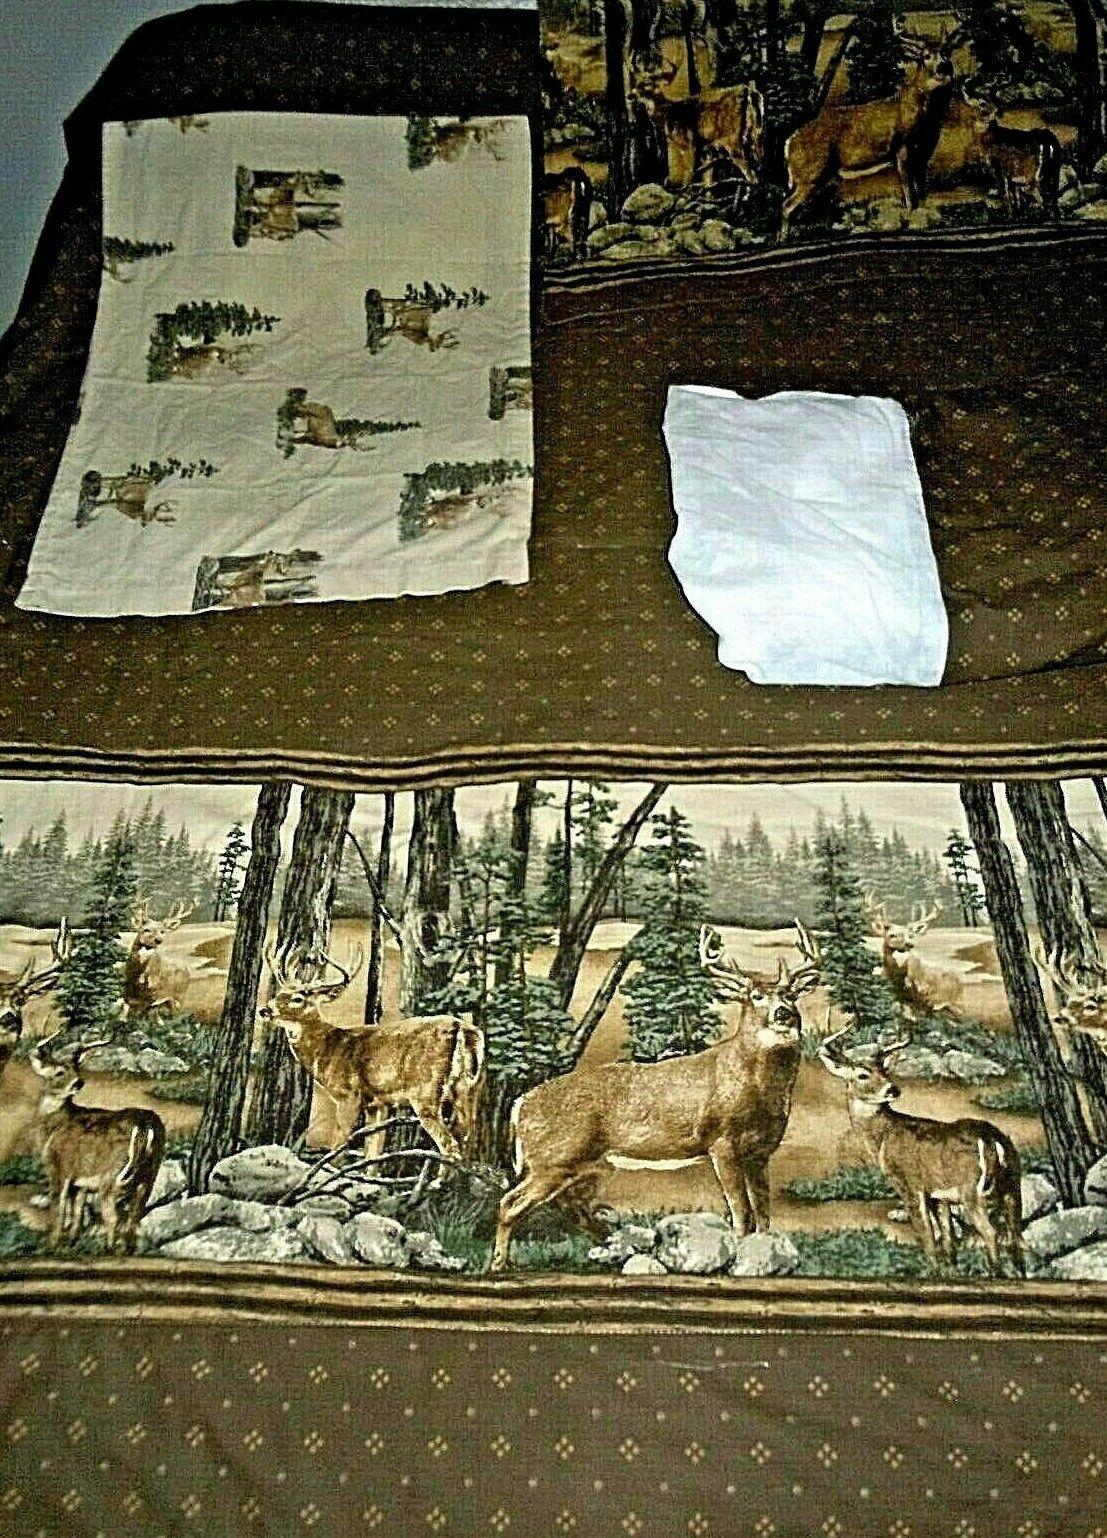 Set 4 Twin Bedding Comforter Bedskirt Pillow Sham Case Weißtail Dreams Deer EUC